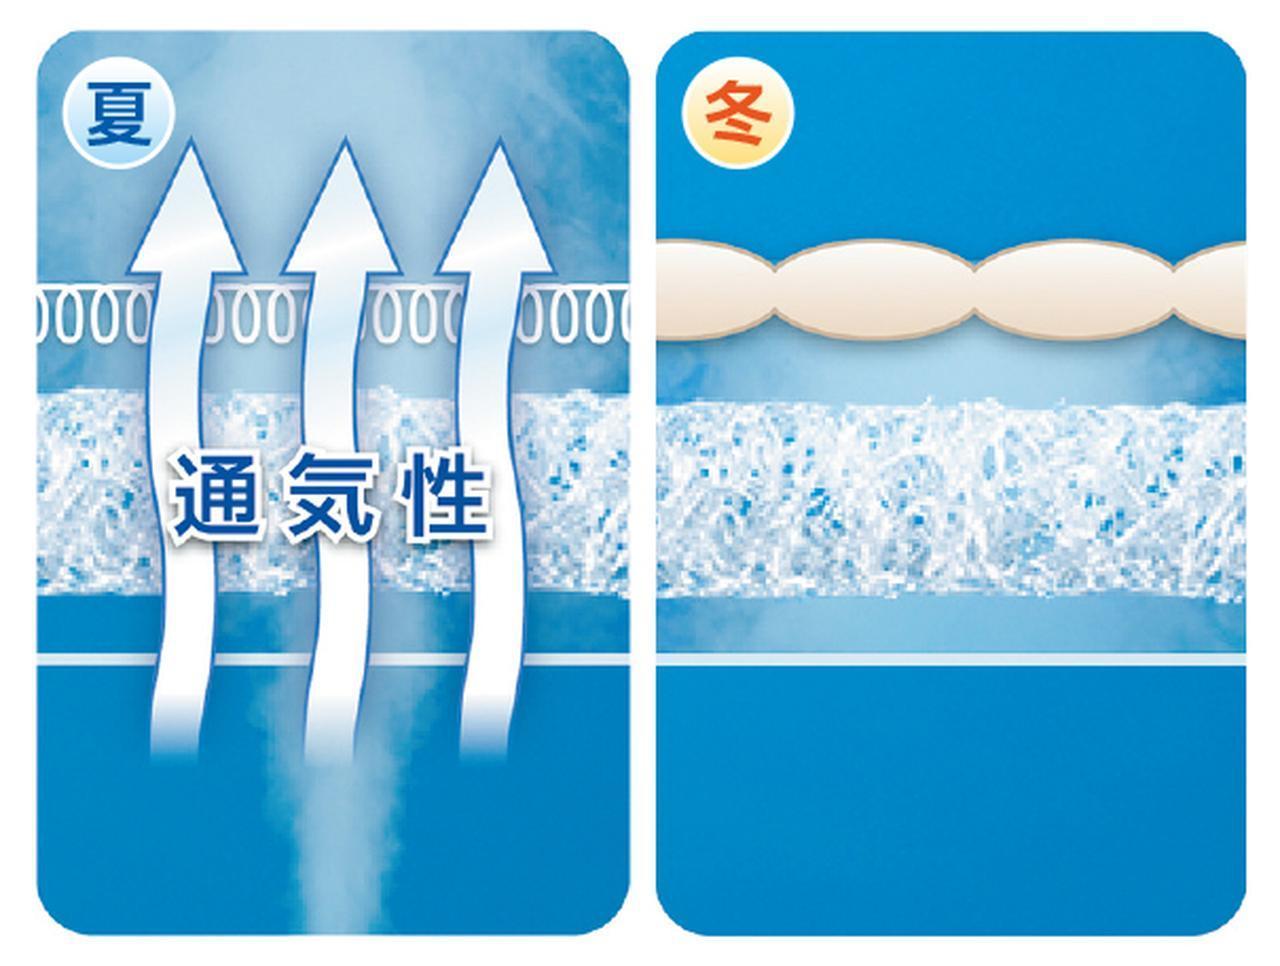 画像: エアファイバーは、ポリエチレン製の極細繊維を空気を編むようにして固めた素材。通気性に優れ、蒸れにくく、ダニやカビの予防にも効果的。季節を問わず快適に使える。